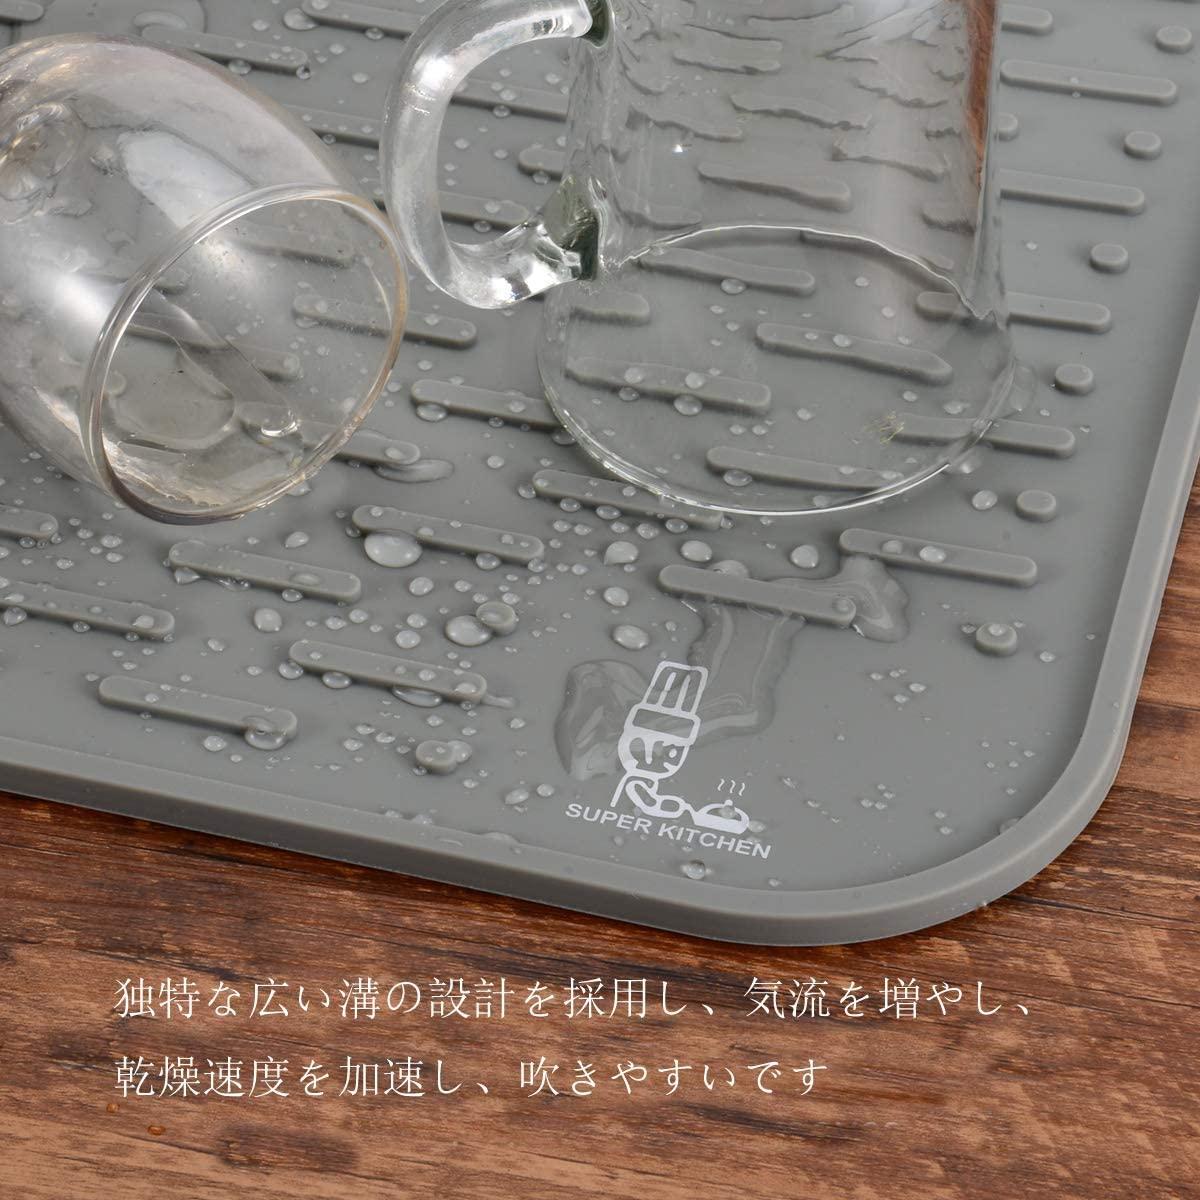 SUPER KITCHEN(スーパーキッチン) 大判 シリコン 水切りマットの商品画像9